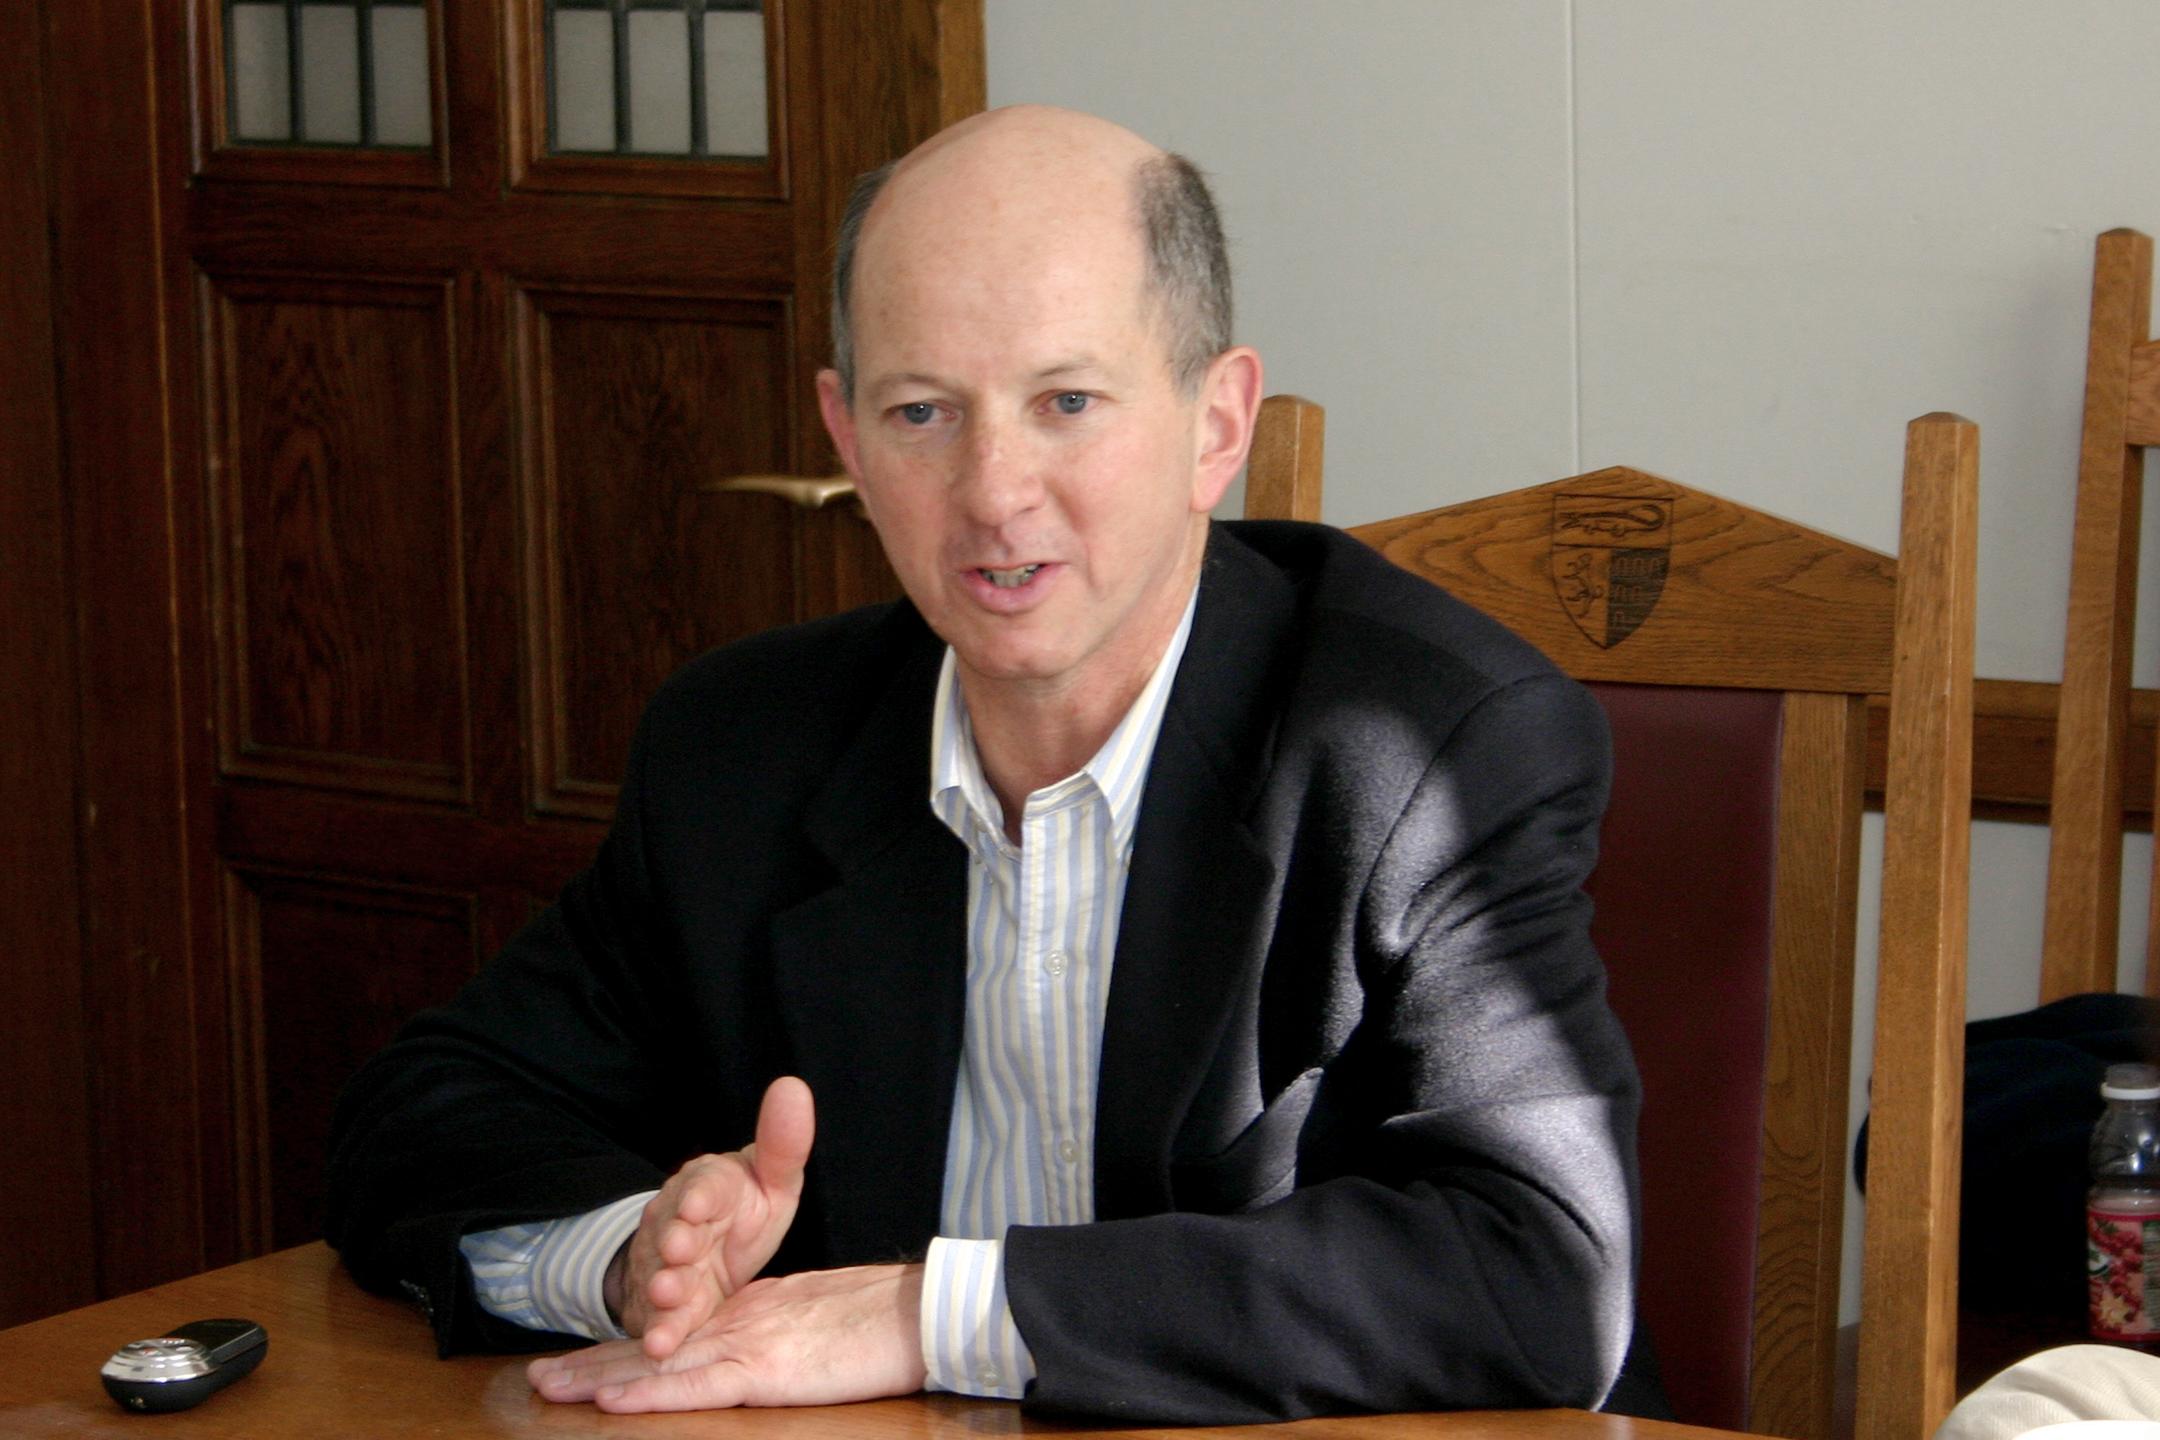 James A. Geraghty '80